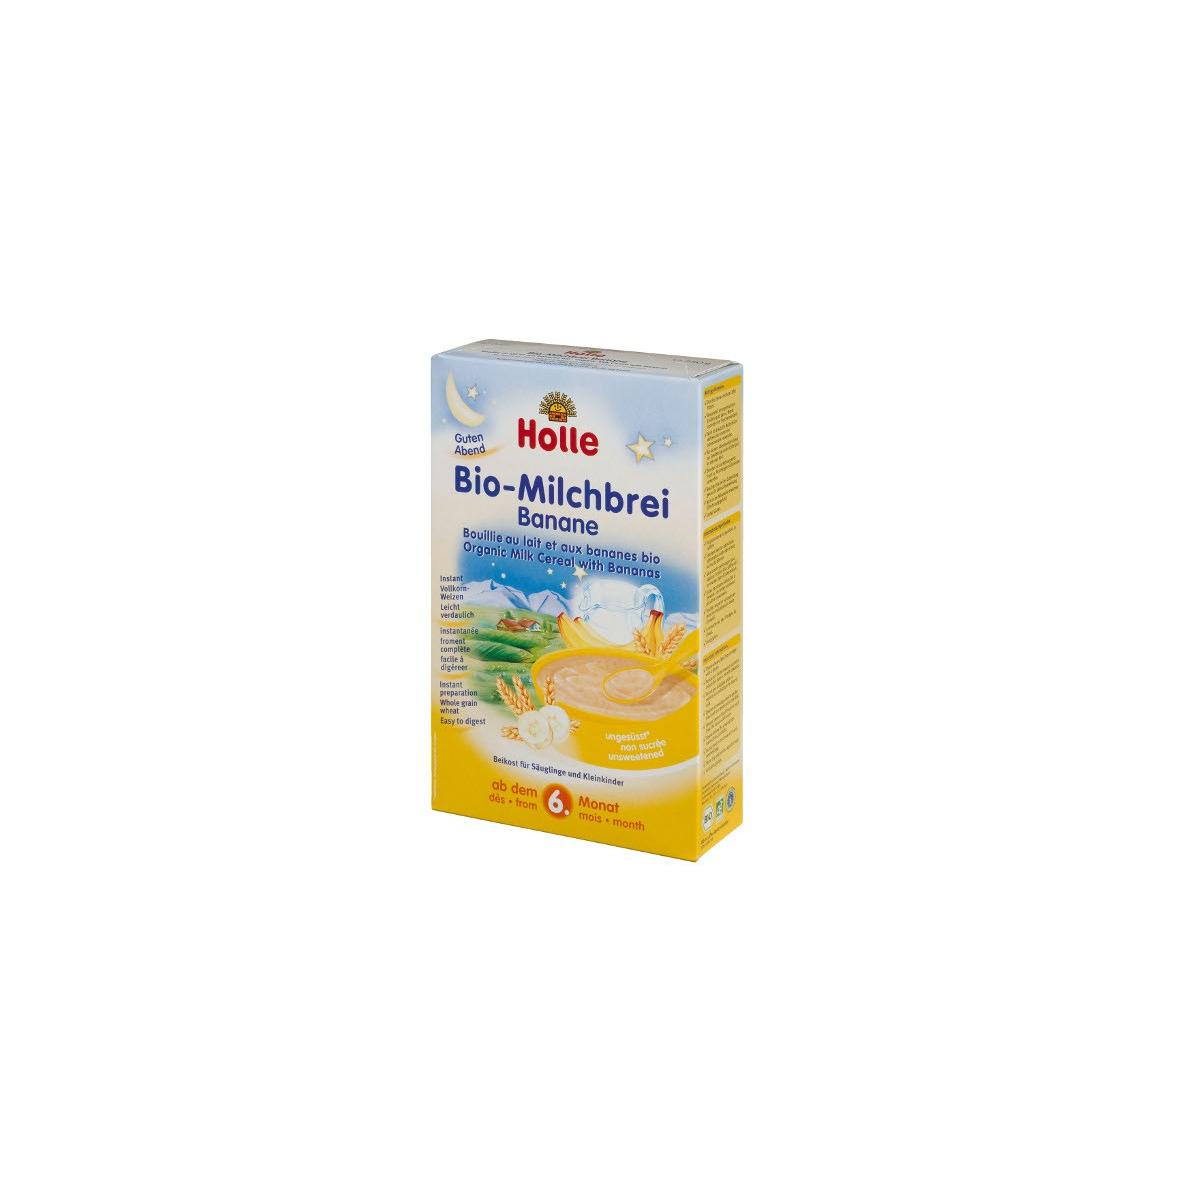 Bio-Milchbrei Banane